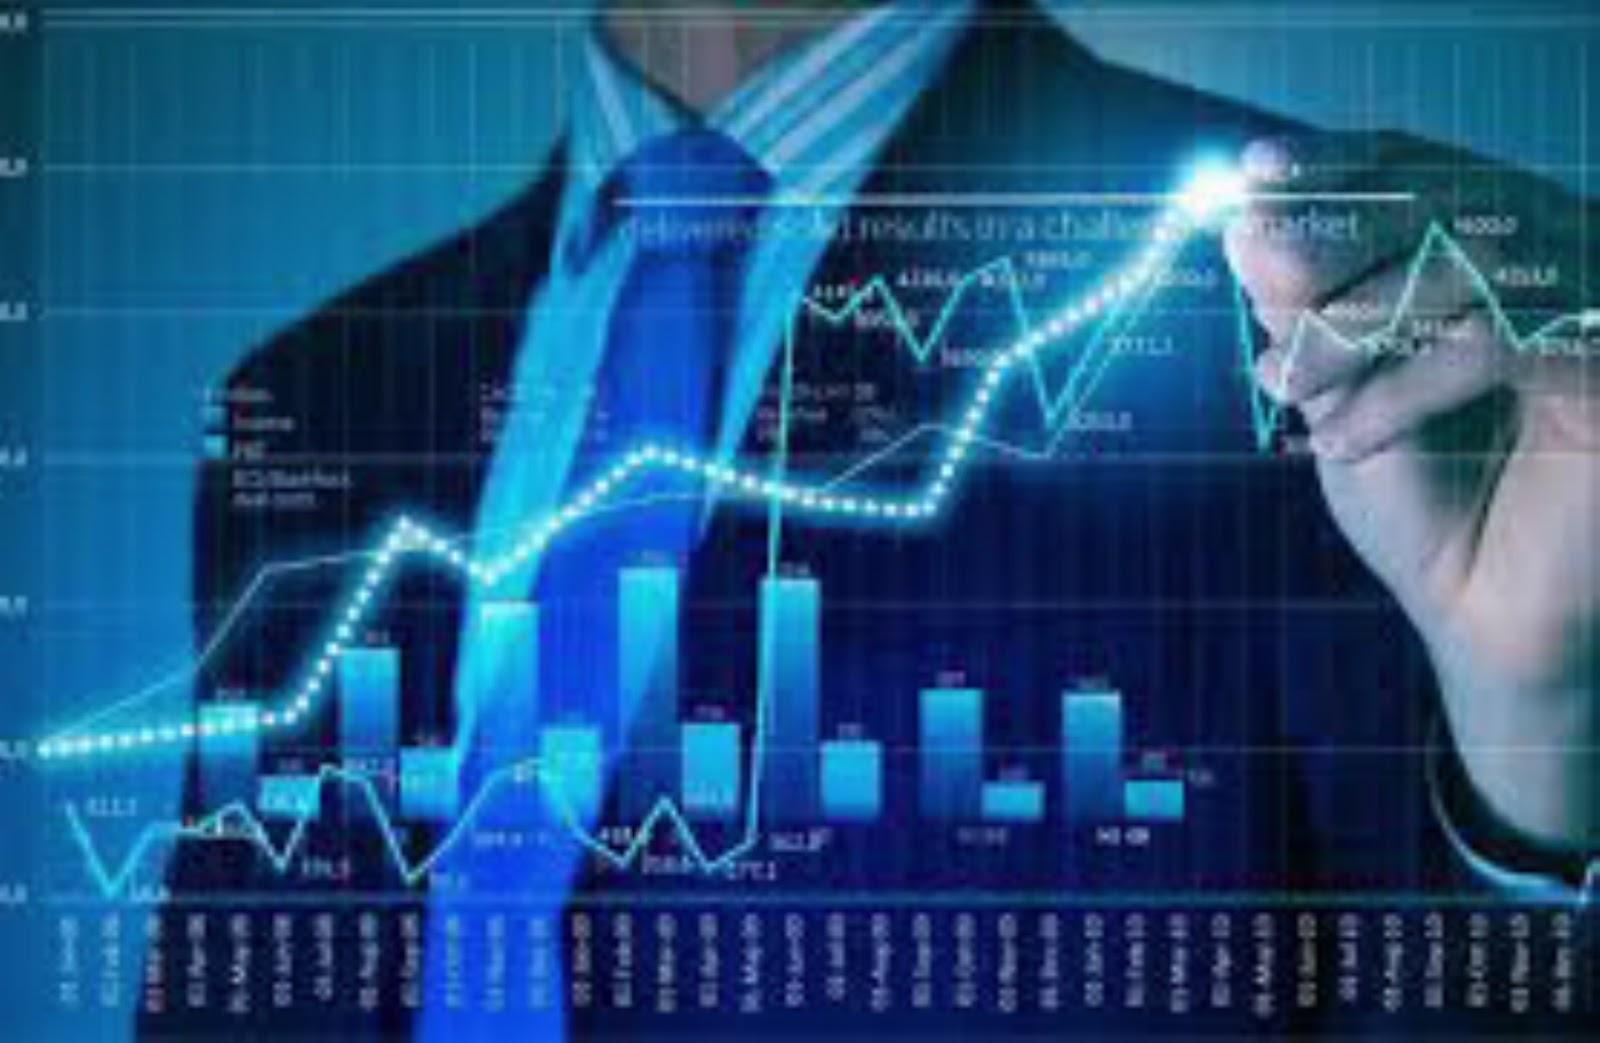 10 điểm đáng lưu ý khi tìm hiểu về Thị trường tài chính